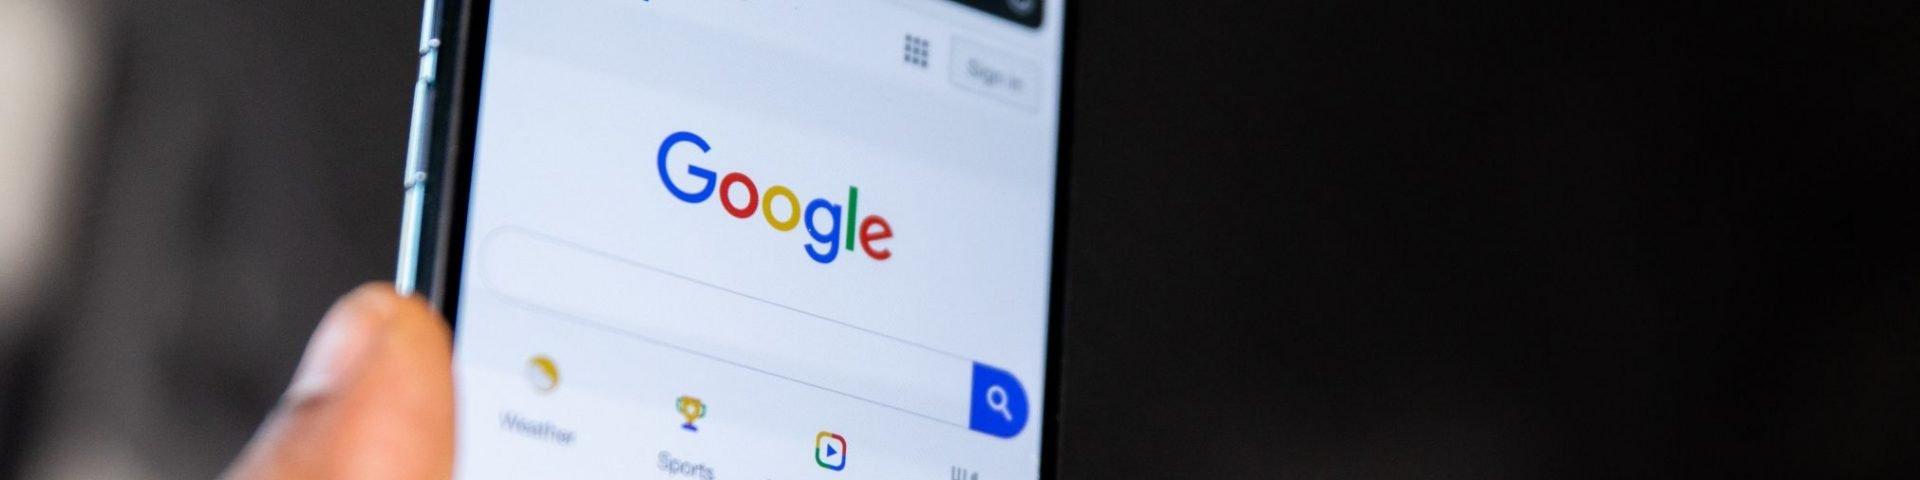 Google riconosce le canzoni anche se le fischietti o canti: ecco la nuova funzione